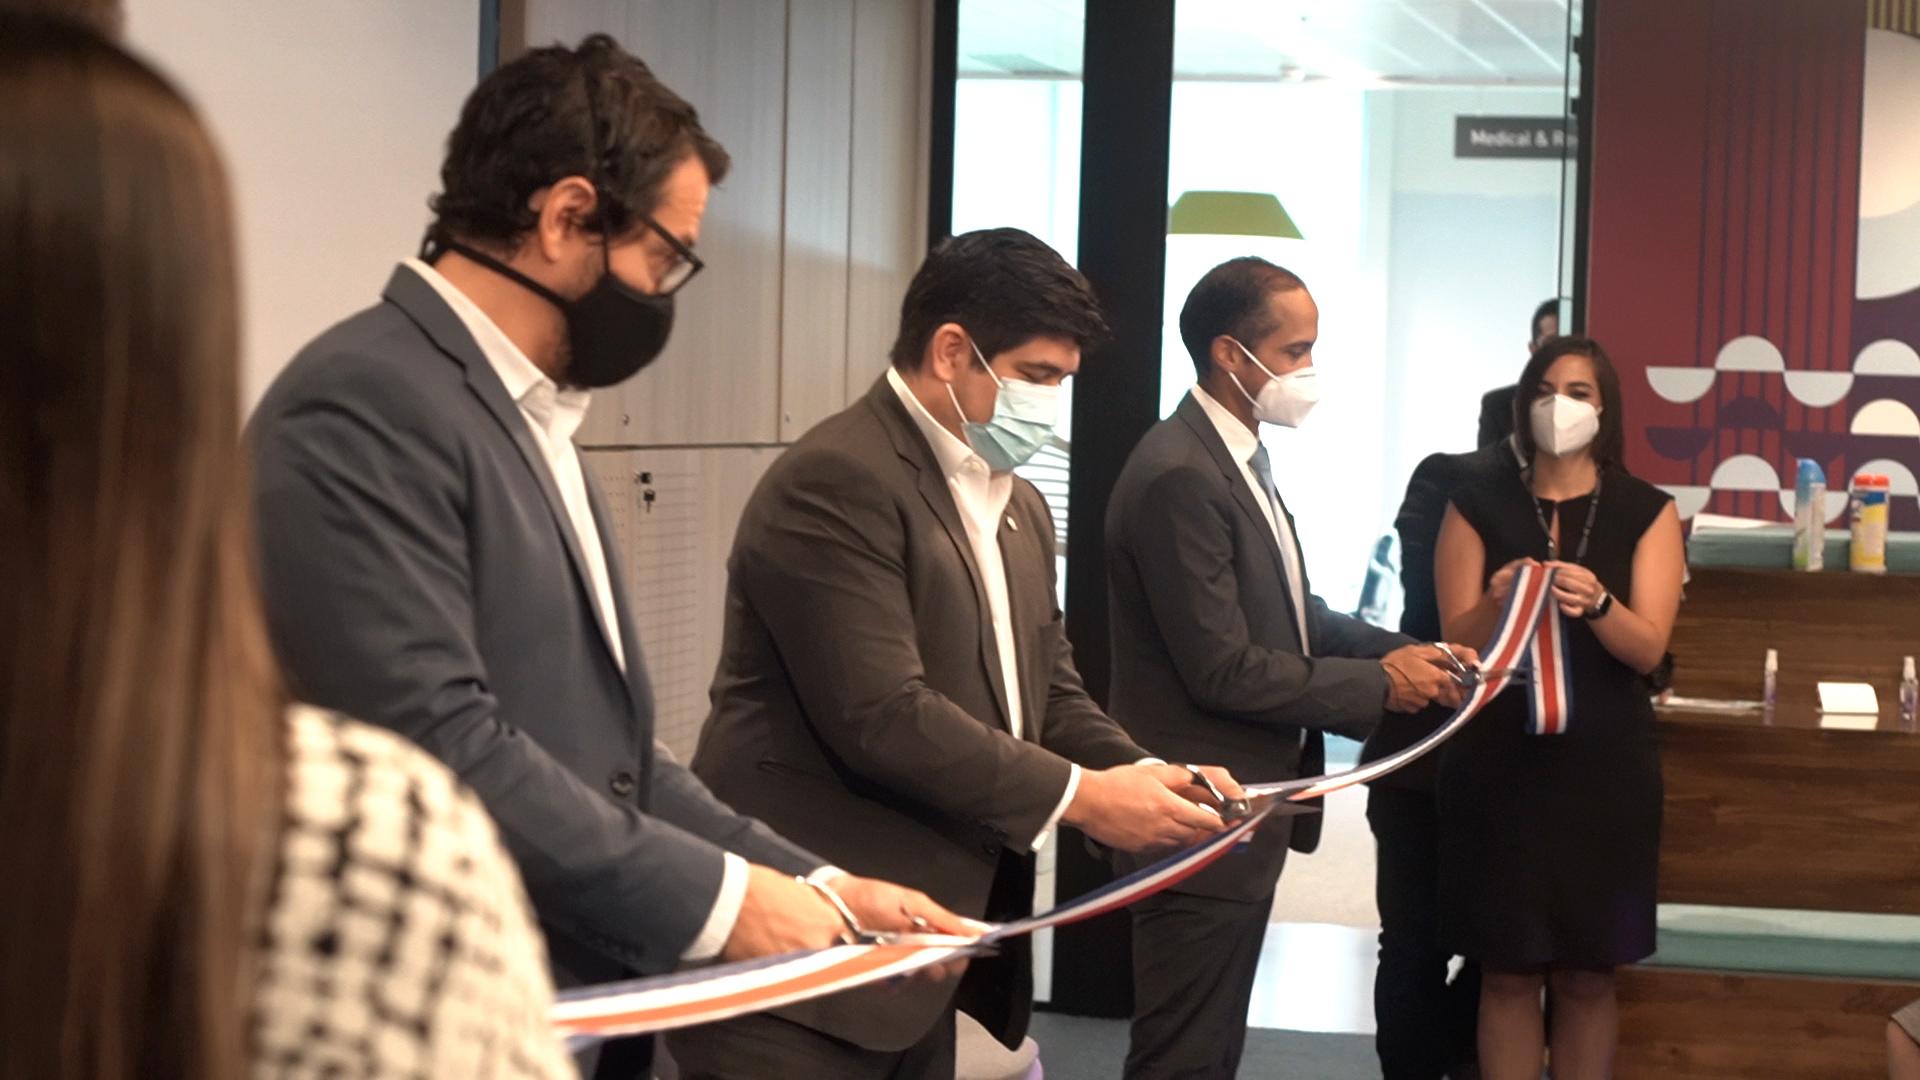 AstraZeneca inaugura nueva sede en Costa Rica